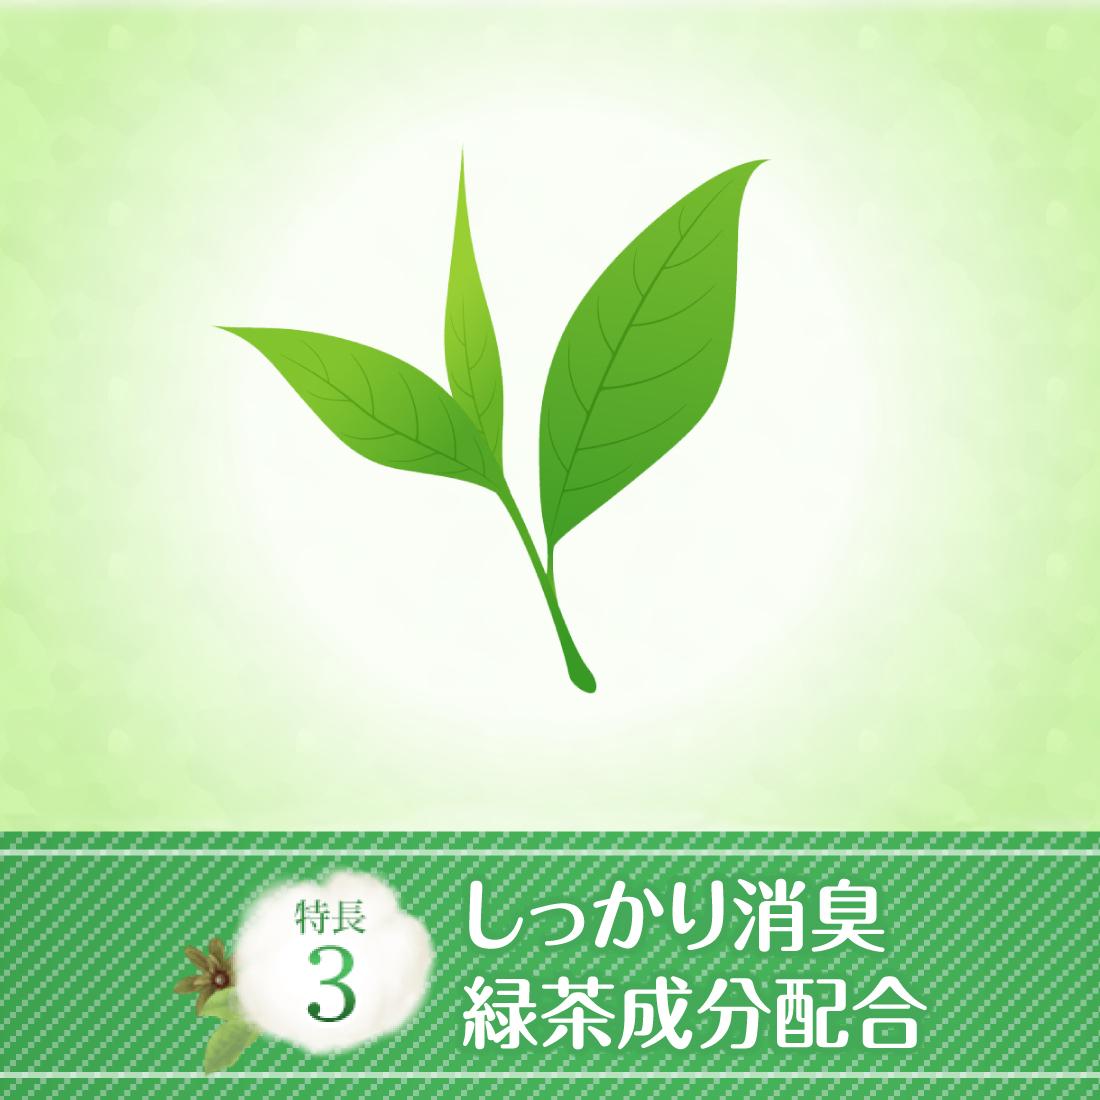 アテントコットン100%自然素材パッド安心少量